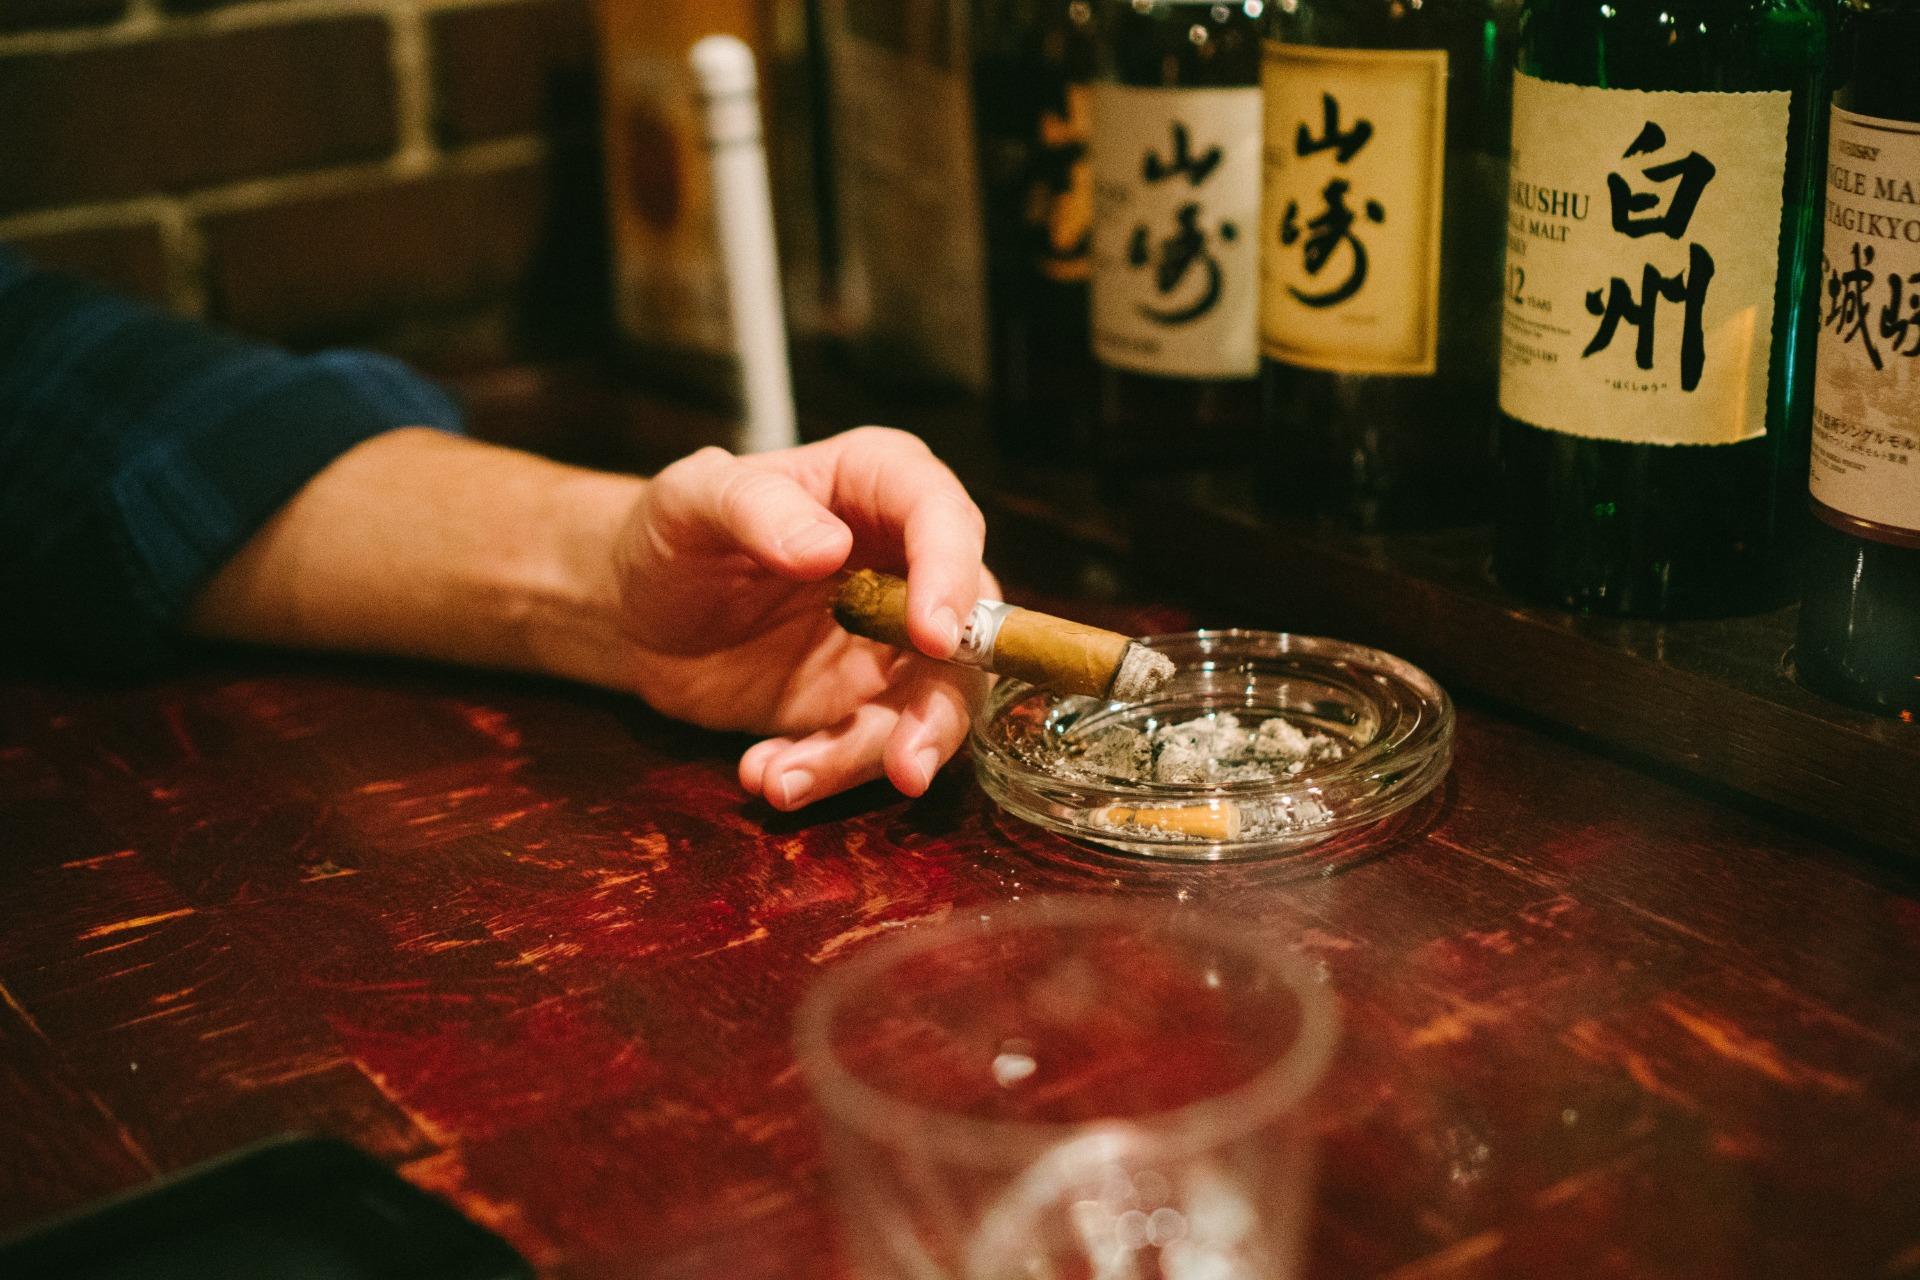 A cigar and an ashtray on a bar